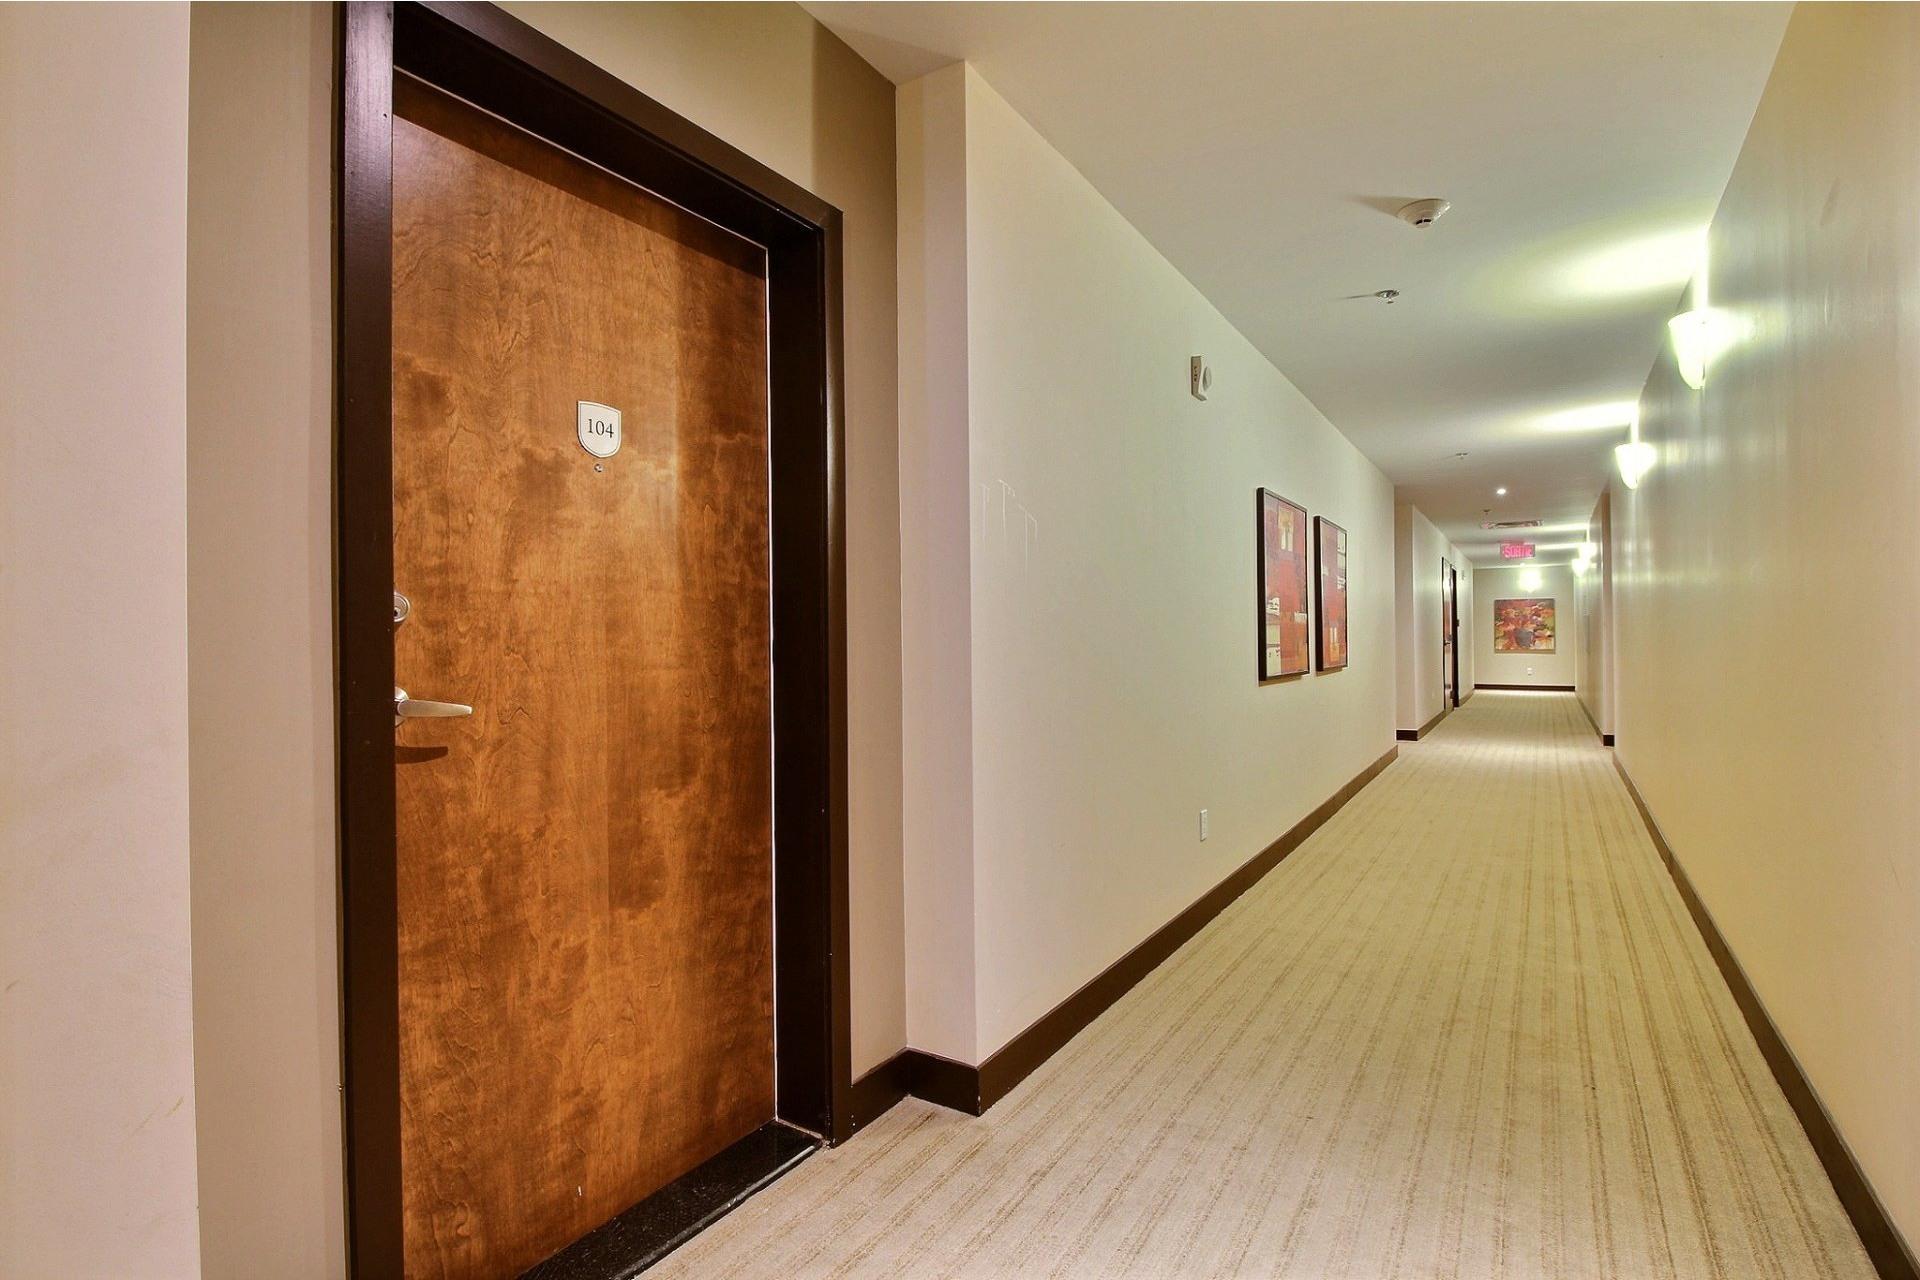 image 2 - Apartment For rent Rivière-des-Prairies/Pointe-aux-Trembles Montréal  - 6 rooms